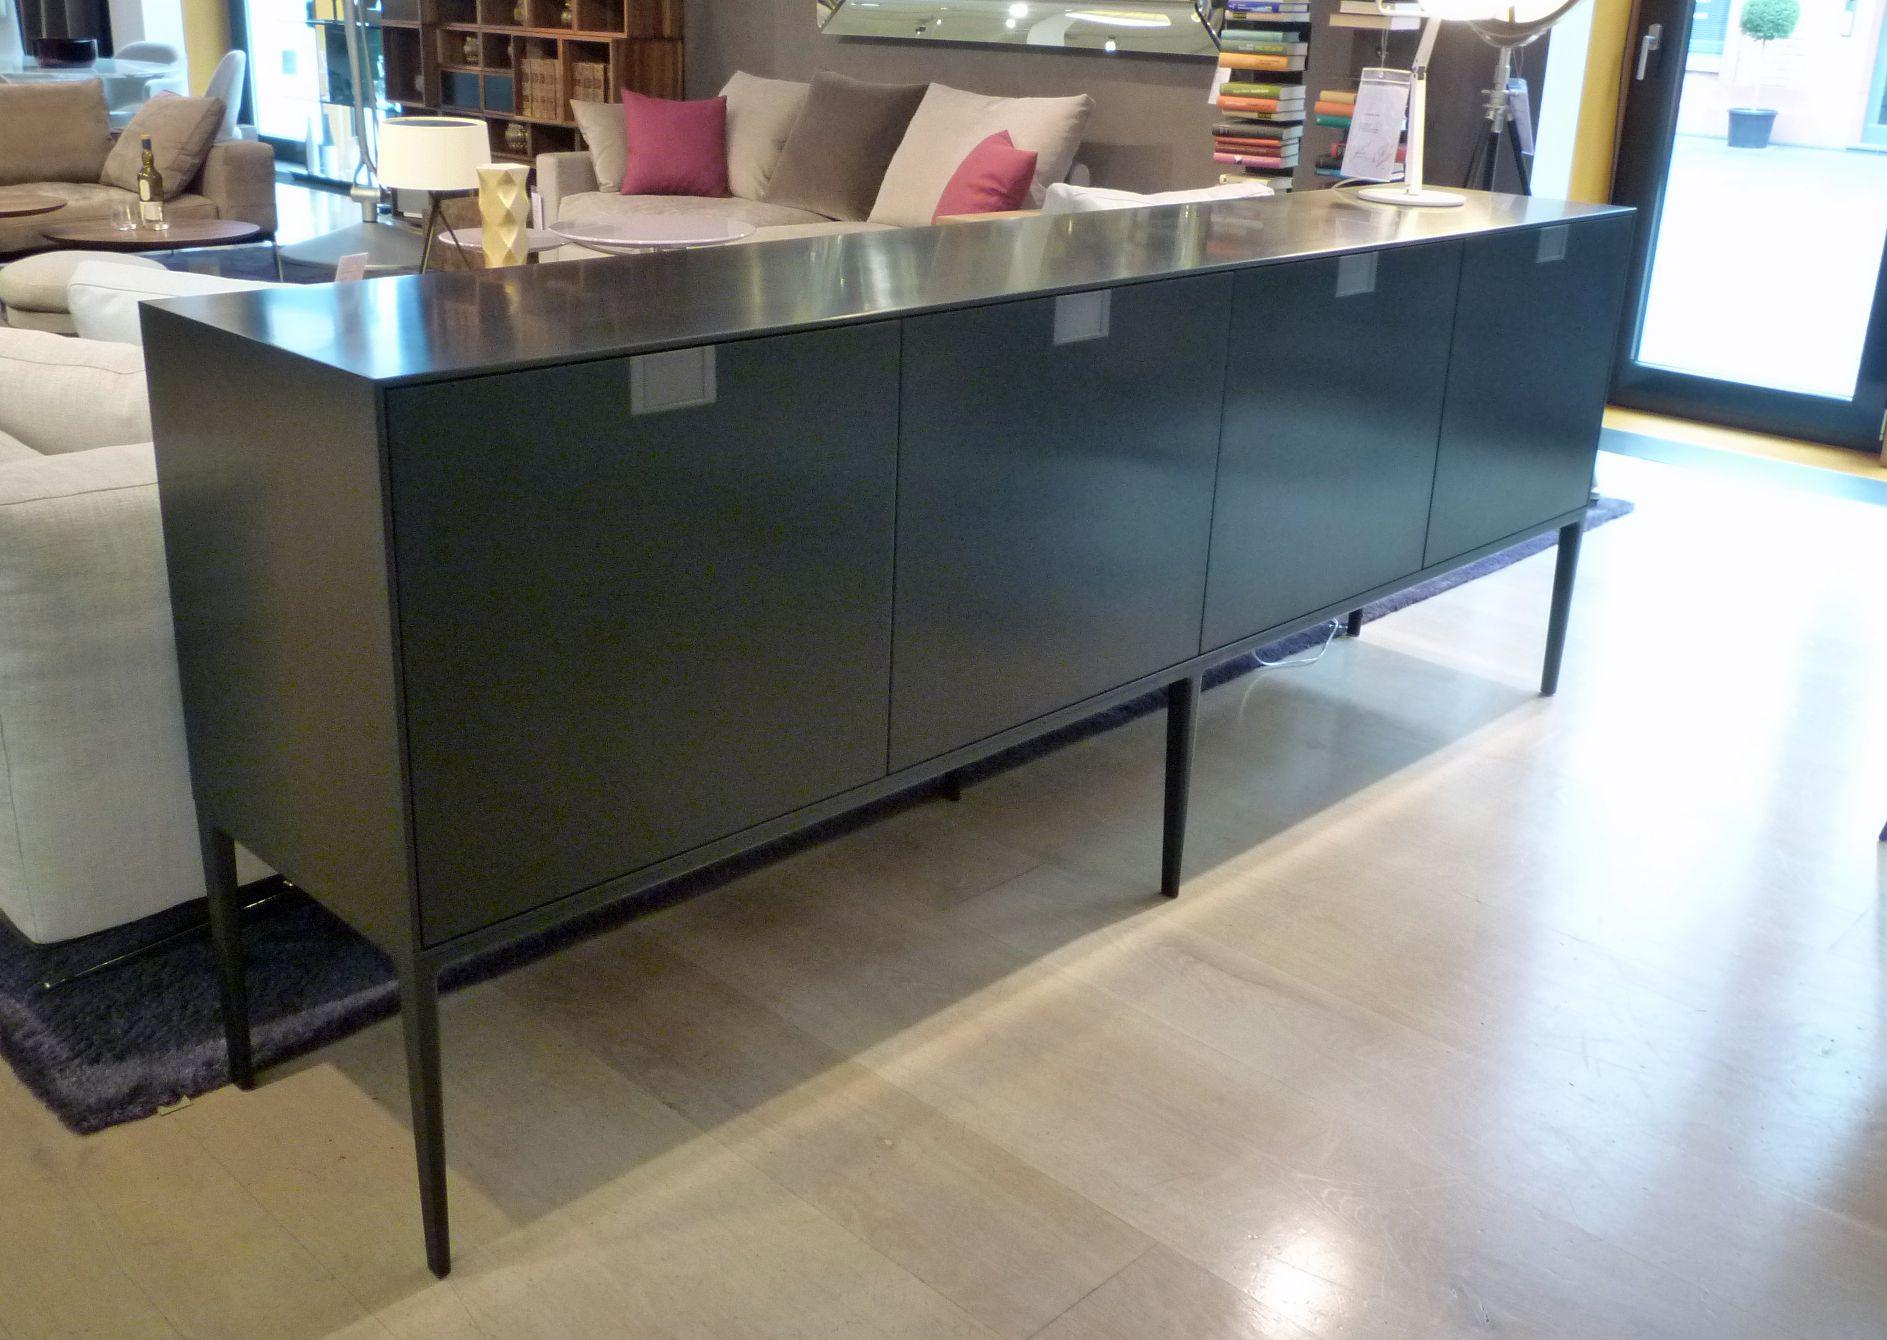 Sideboard Alcor Hersteller Maxalto neu € 6.980. , leider